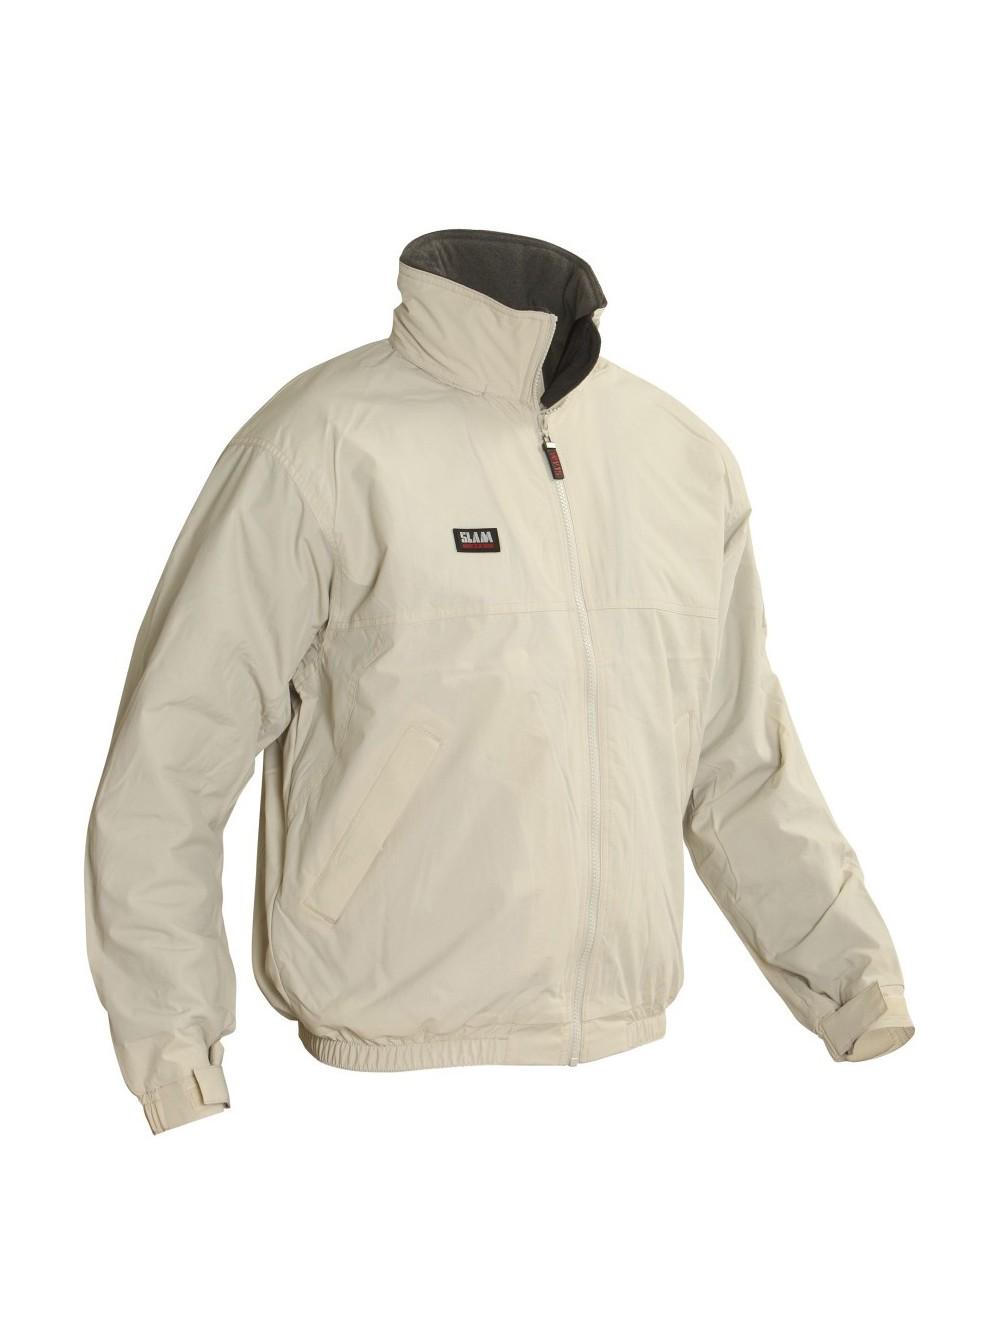 venta más caliente producto caliente 2020 chaquetas slam baratas